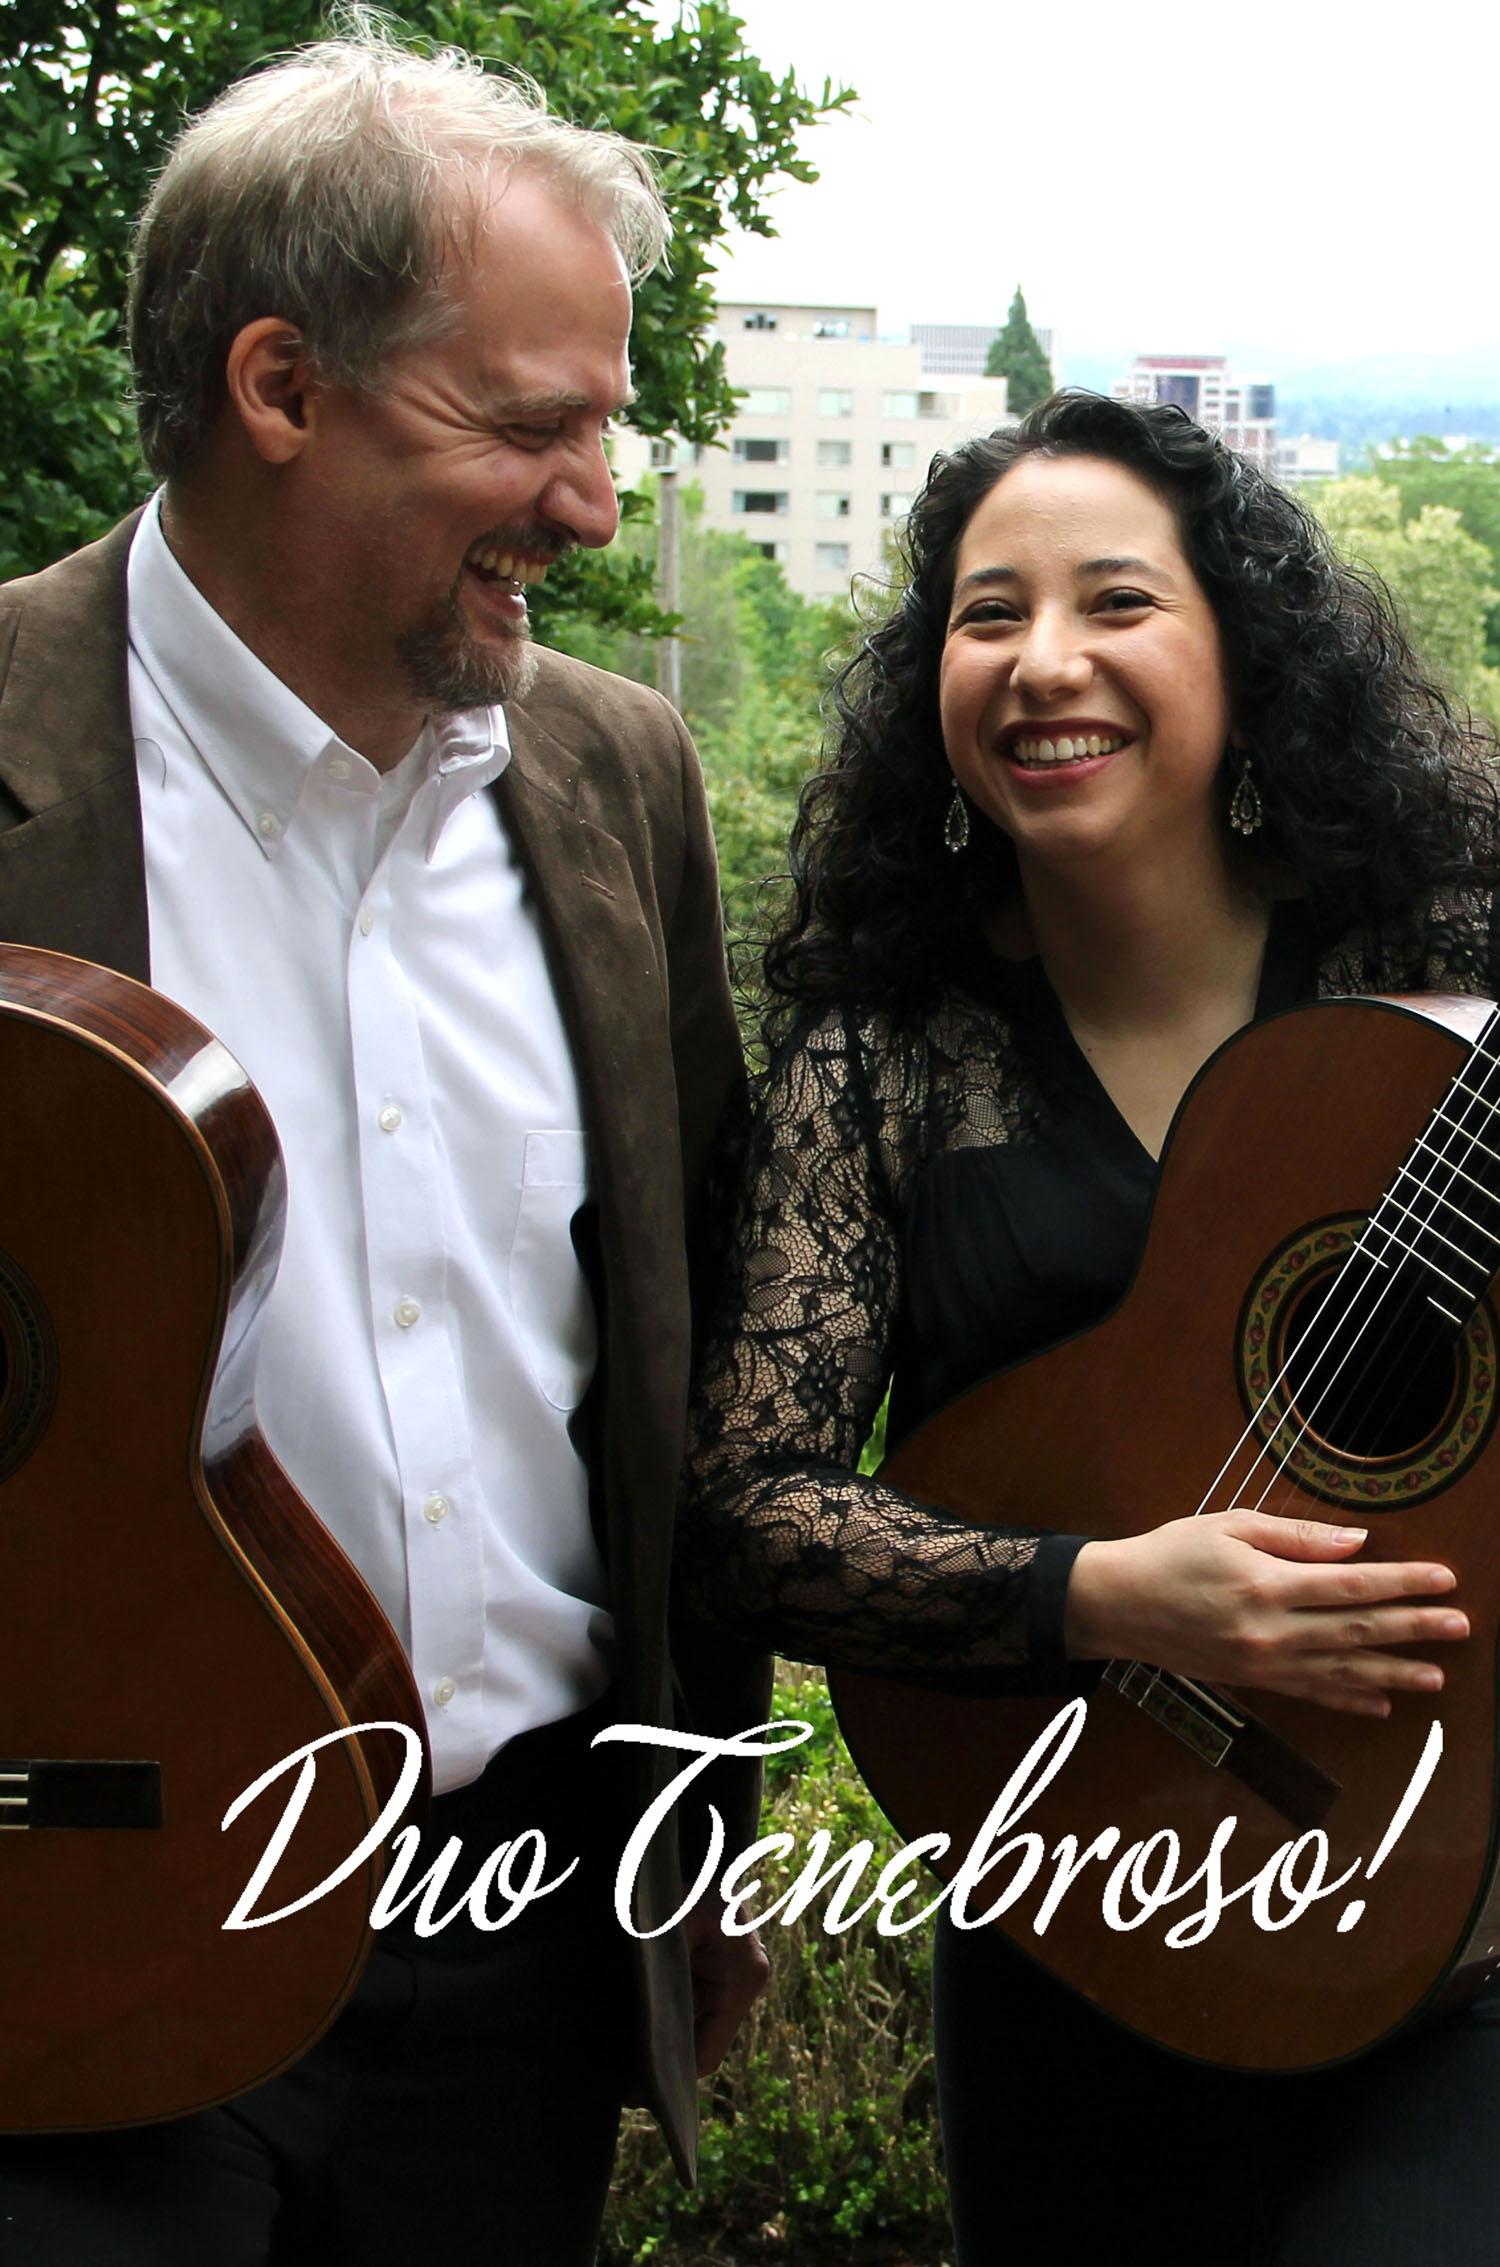 duo_tenebroso_classical_guitar_laughing.jpg